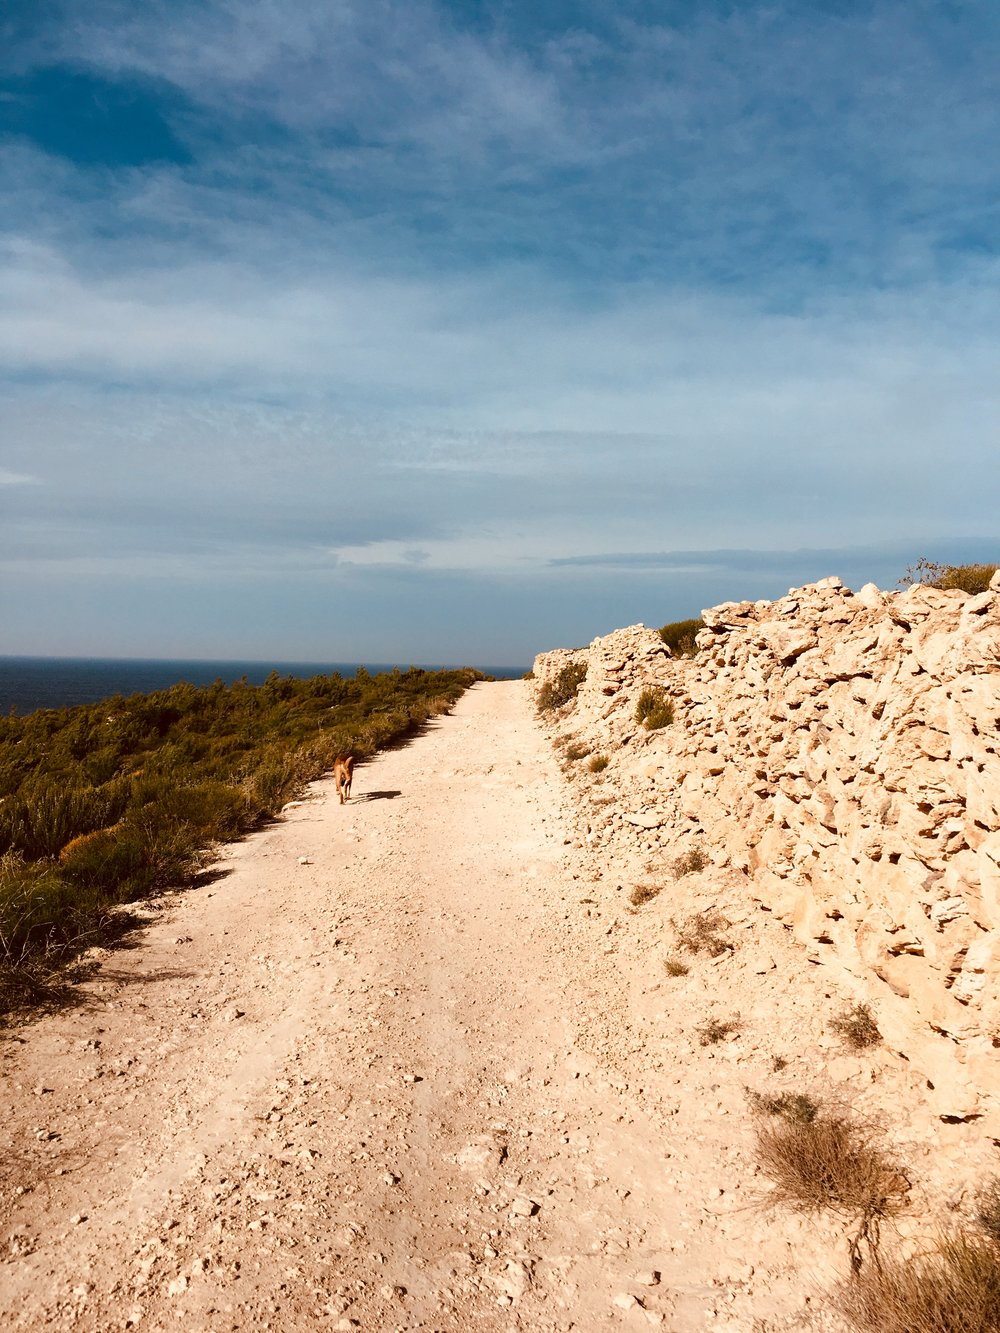 Camino mit Natursteinmauer